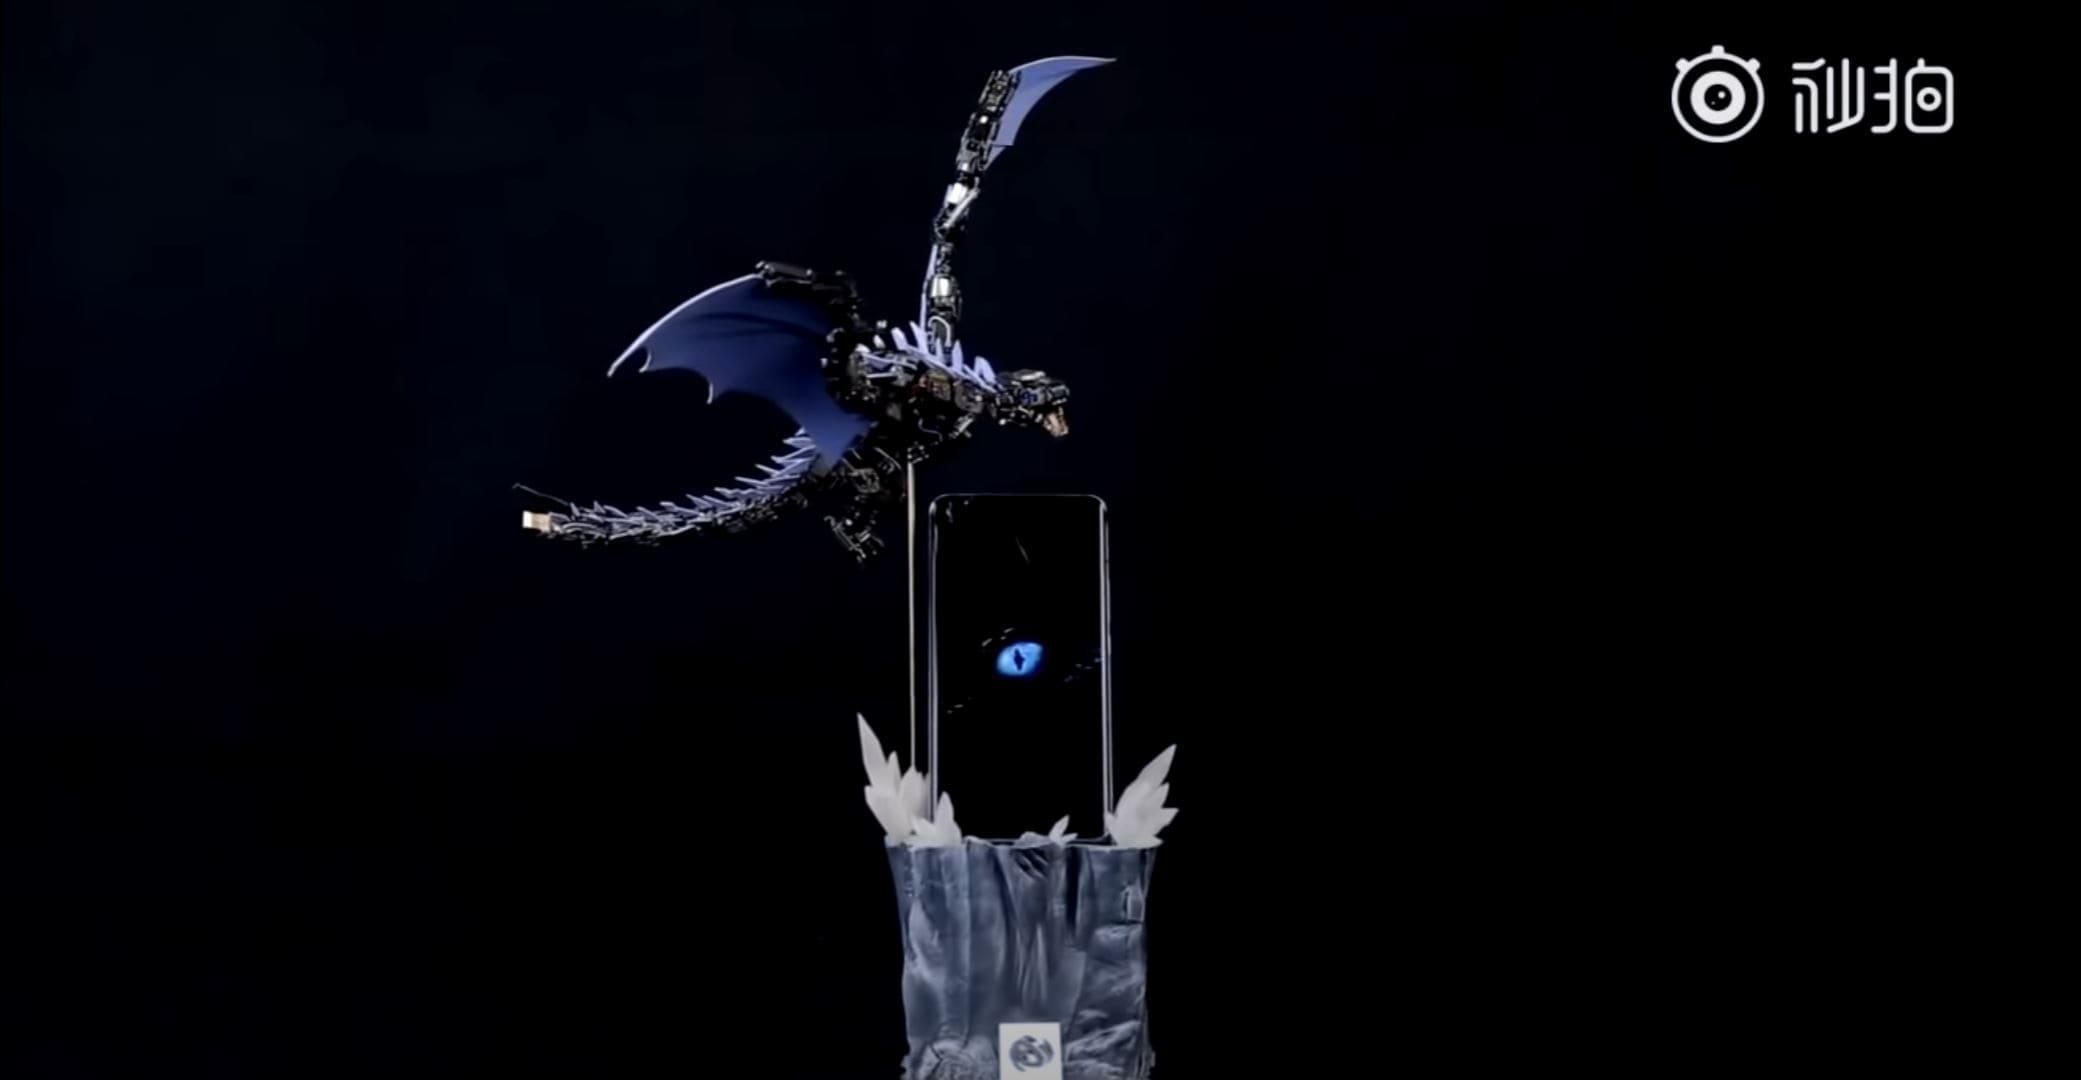 dragon-mecanico-Xiaomi-Mi-11